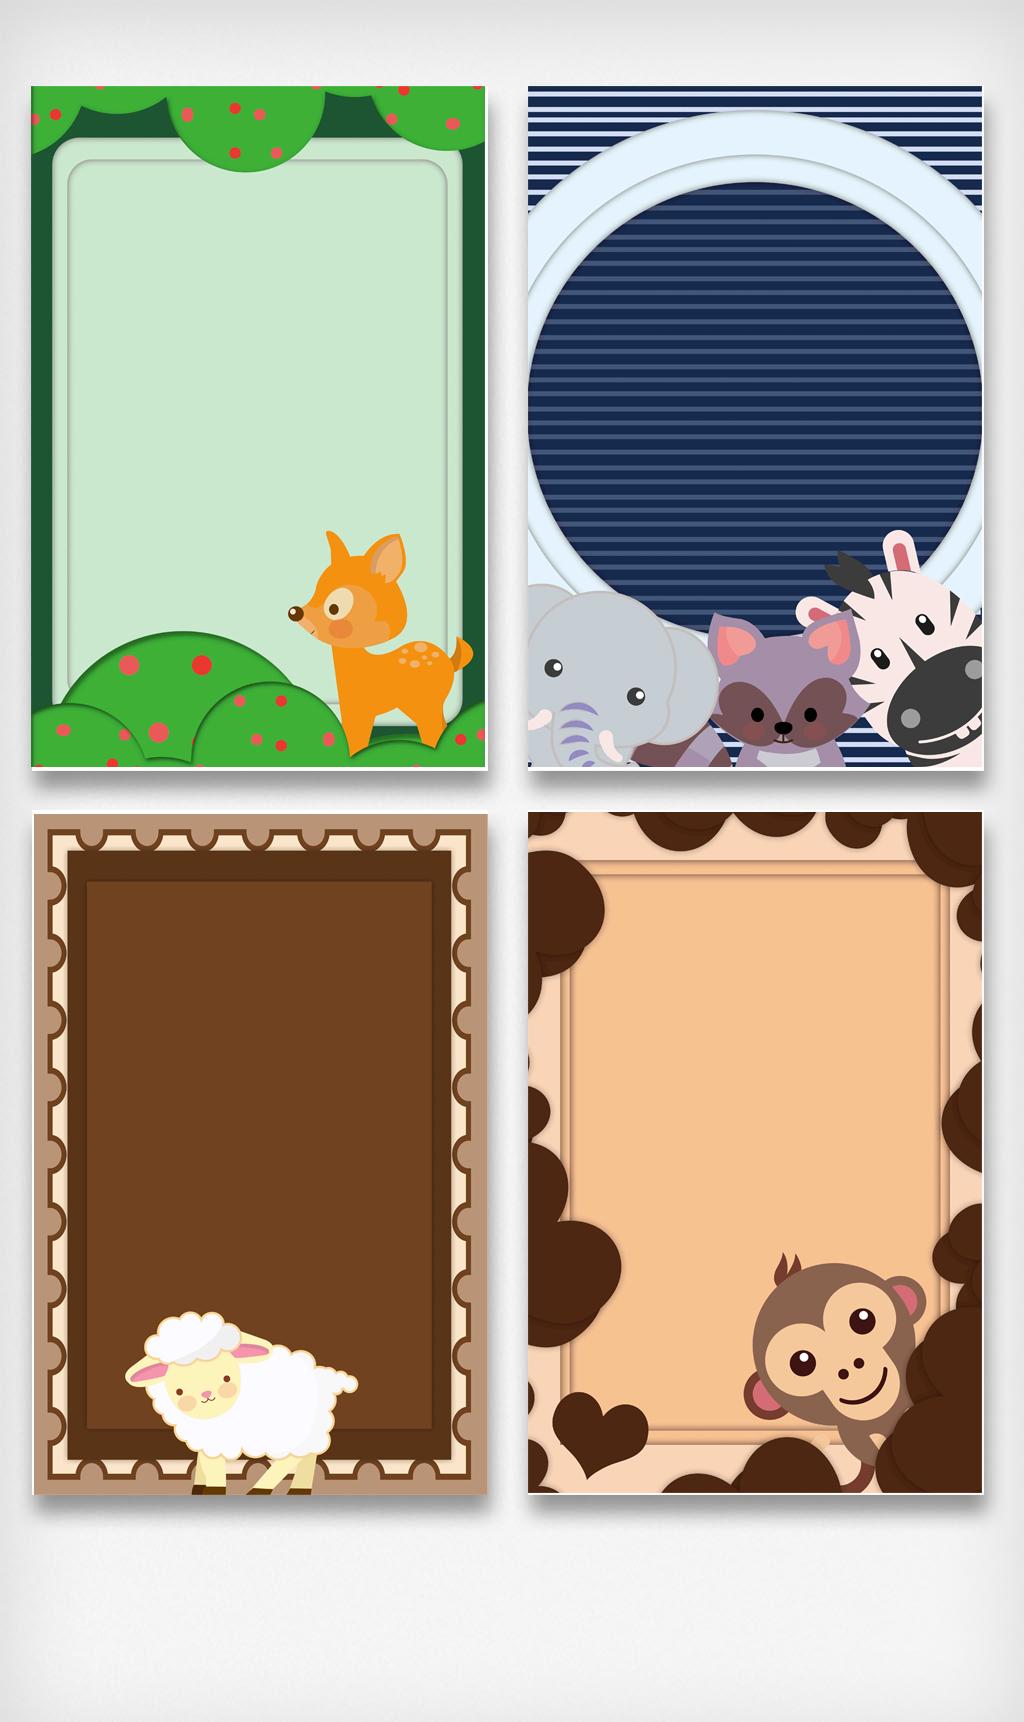 创意卡通动物边框海报背景元素